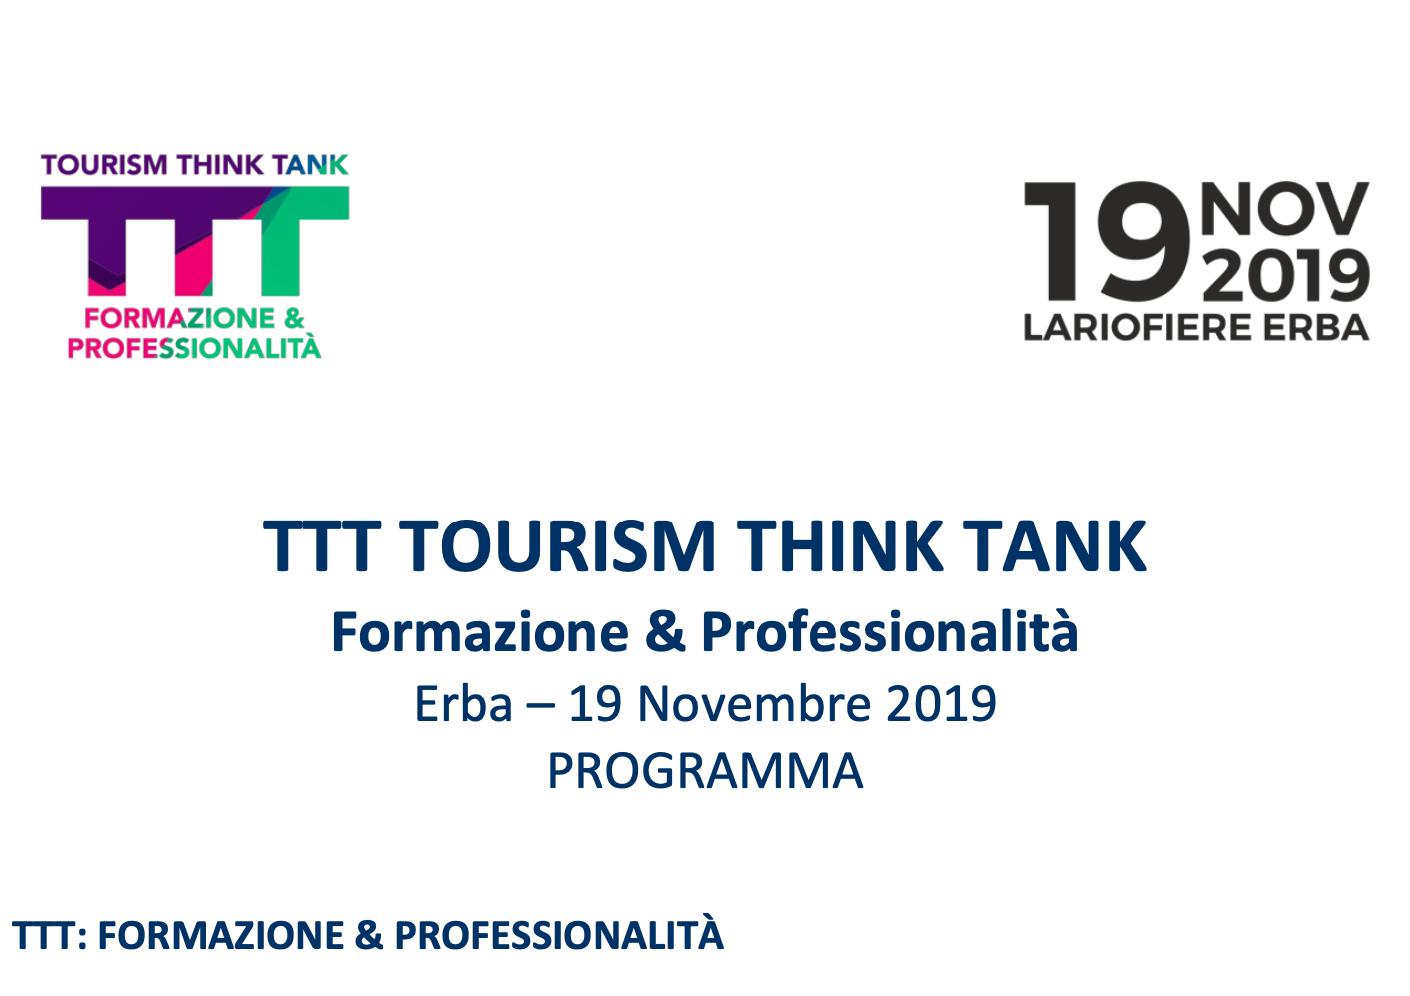 Giovani Imprenditori - Tourism Think Tank 2019